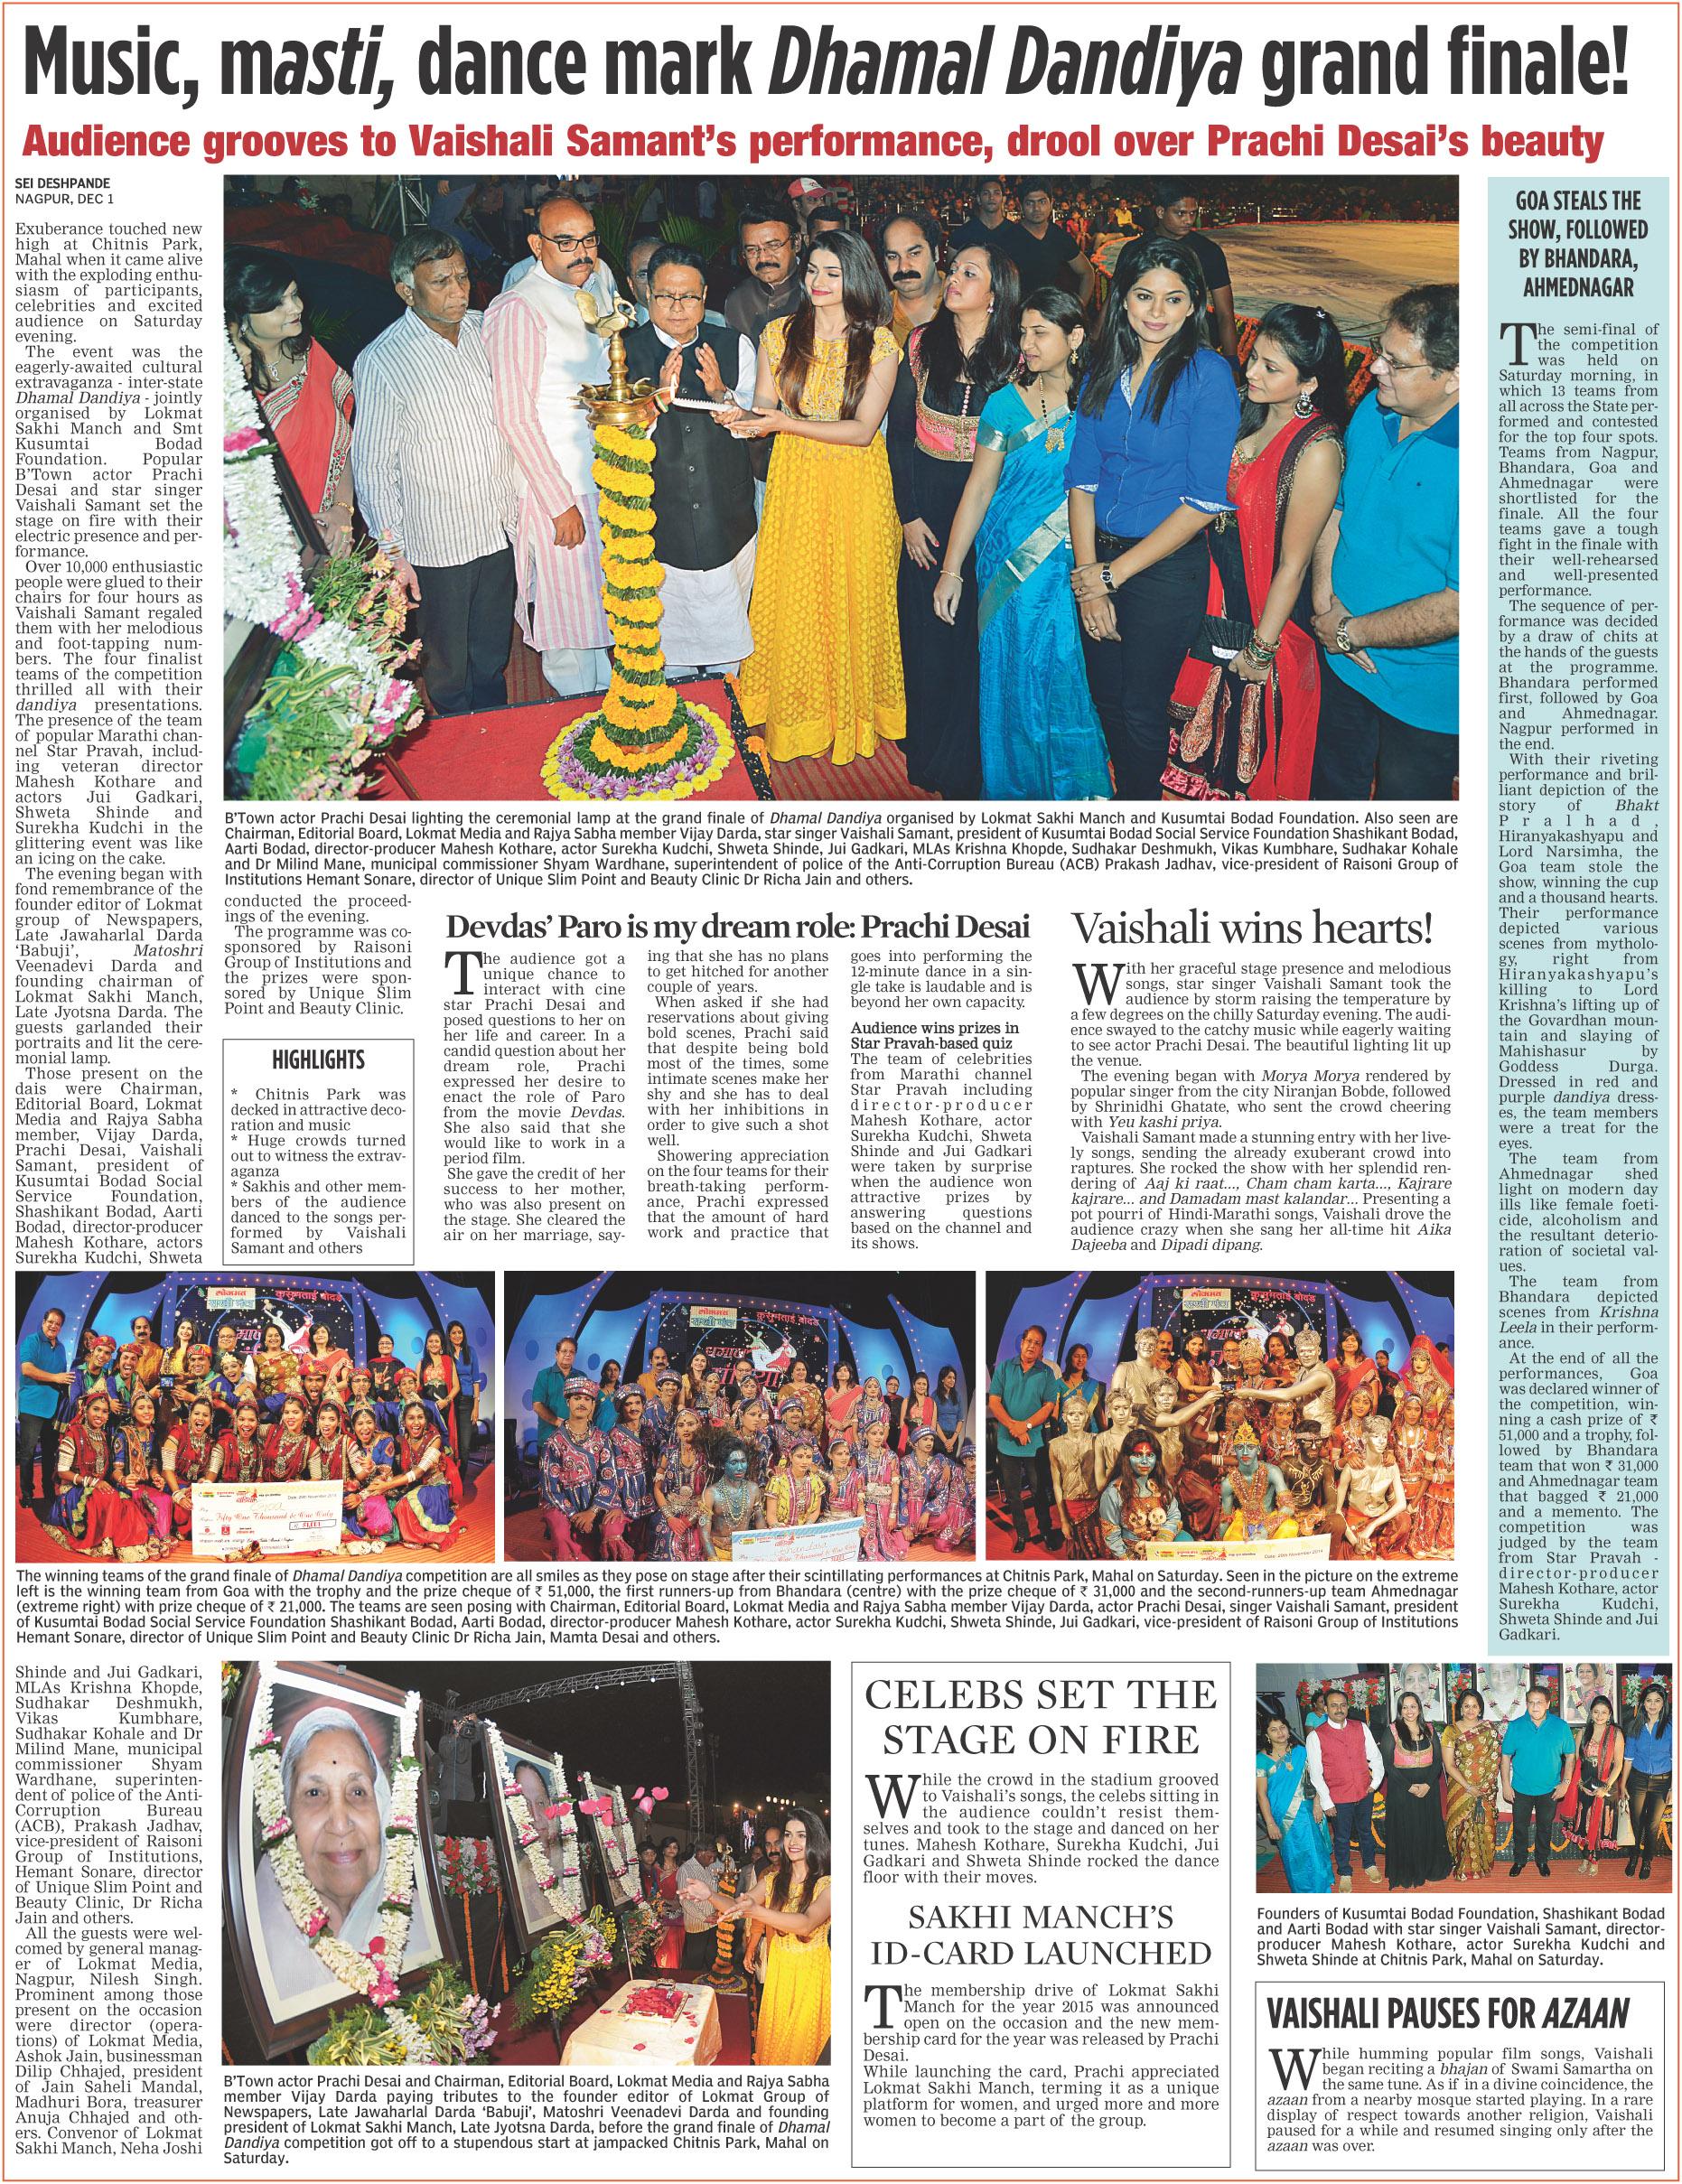 Music, masti, dance mark Dhamal Dandiya grand finale!